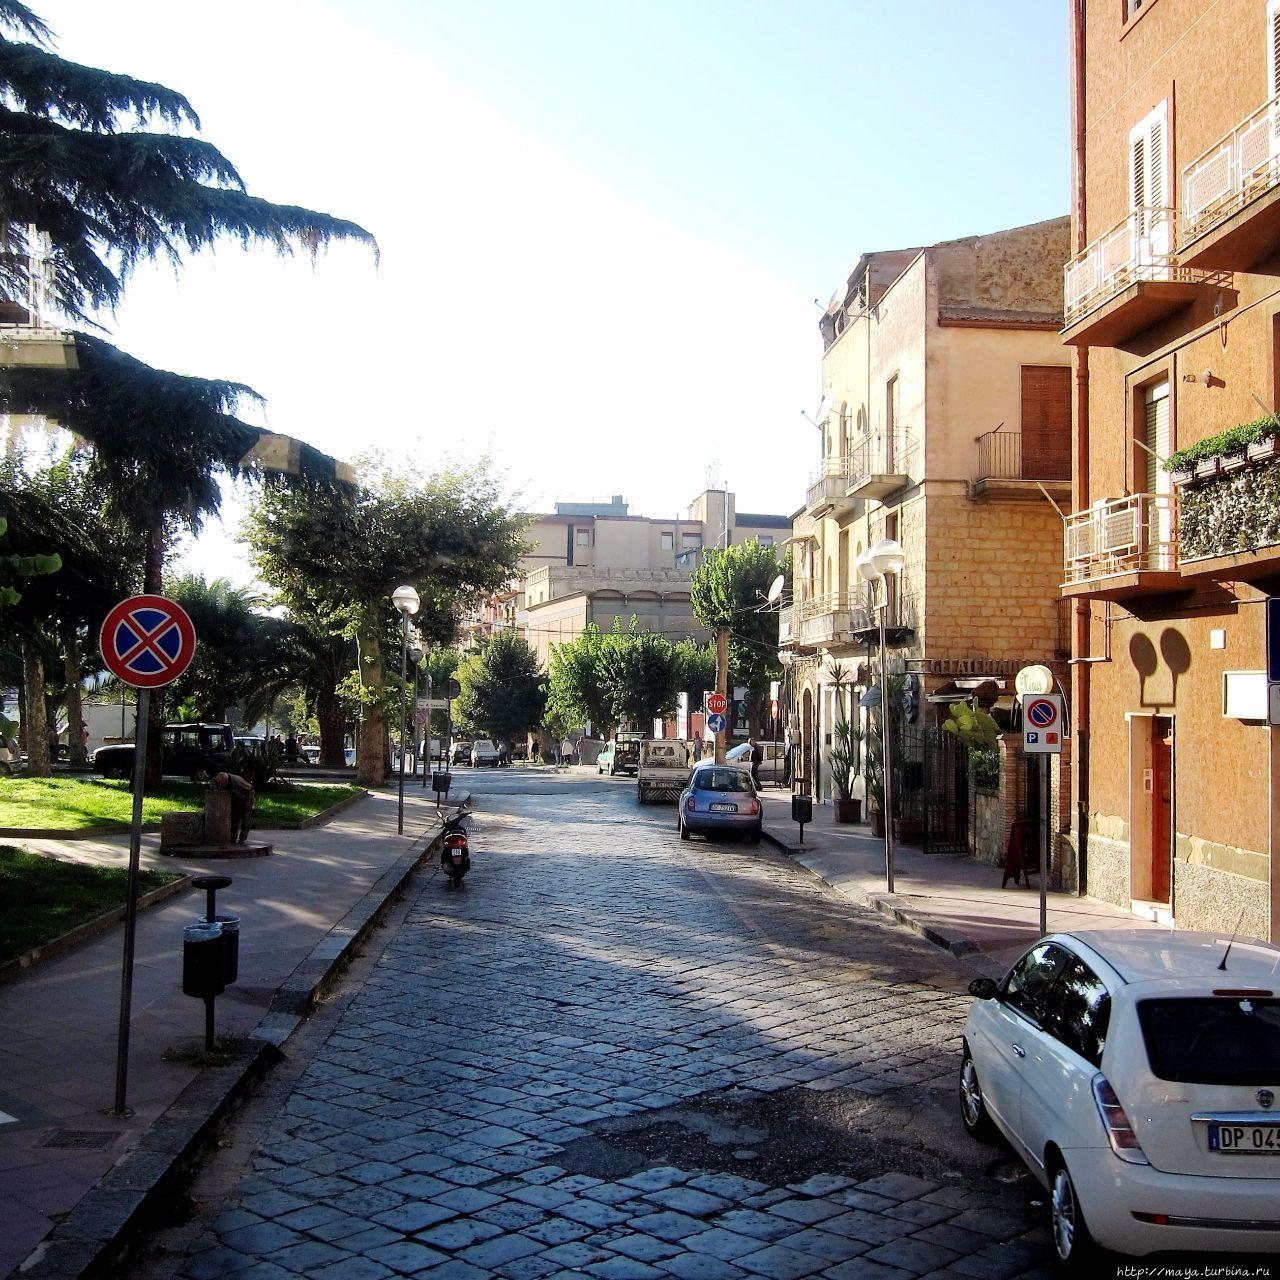 Спящий город —  Пьяцца Армерина Пьяцца-Армерина, Италия